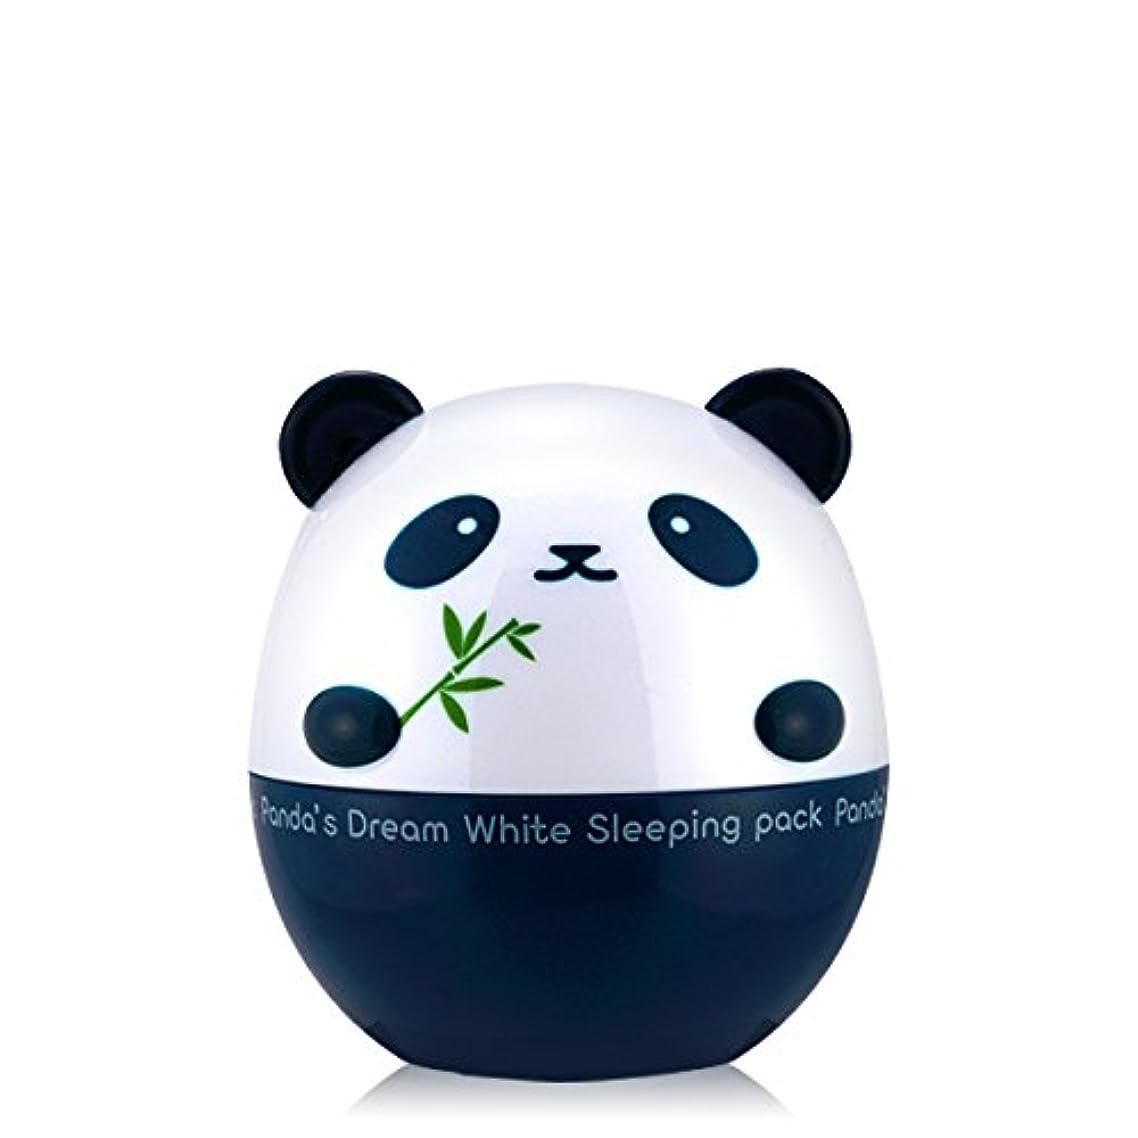 マーチャンダイザー先見の明検査官[1+1] TONY MOLY Panda's Dream White Sleeping Pack 50g / トニーモリーパンダーズドリームホワイトスリーピングパック50g / 1.76oz [並行輸入品]